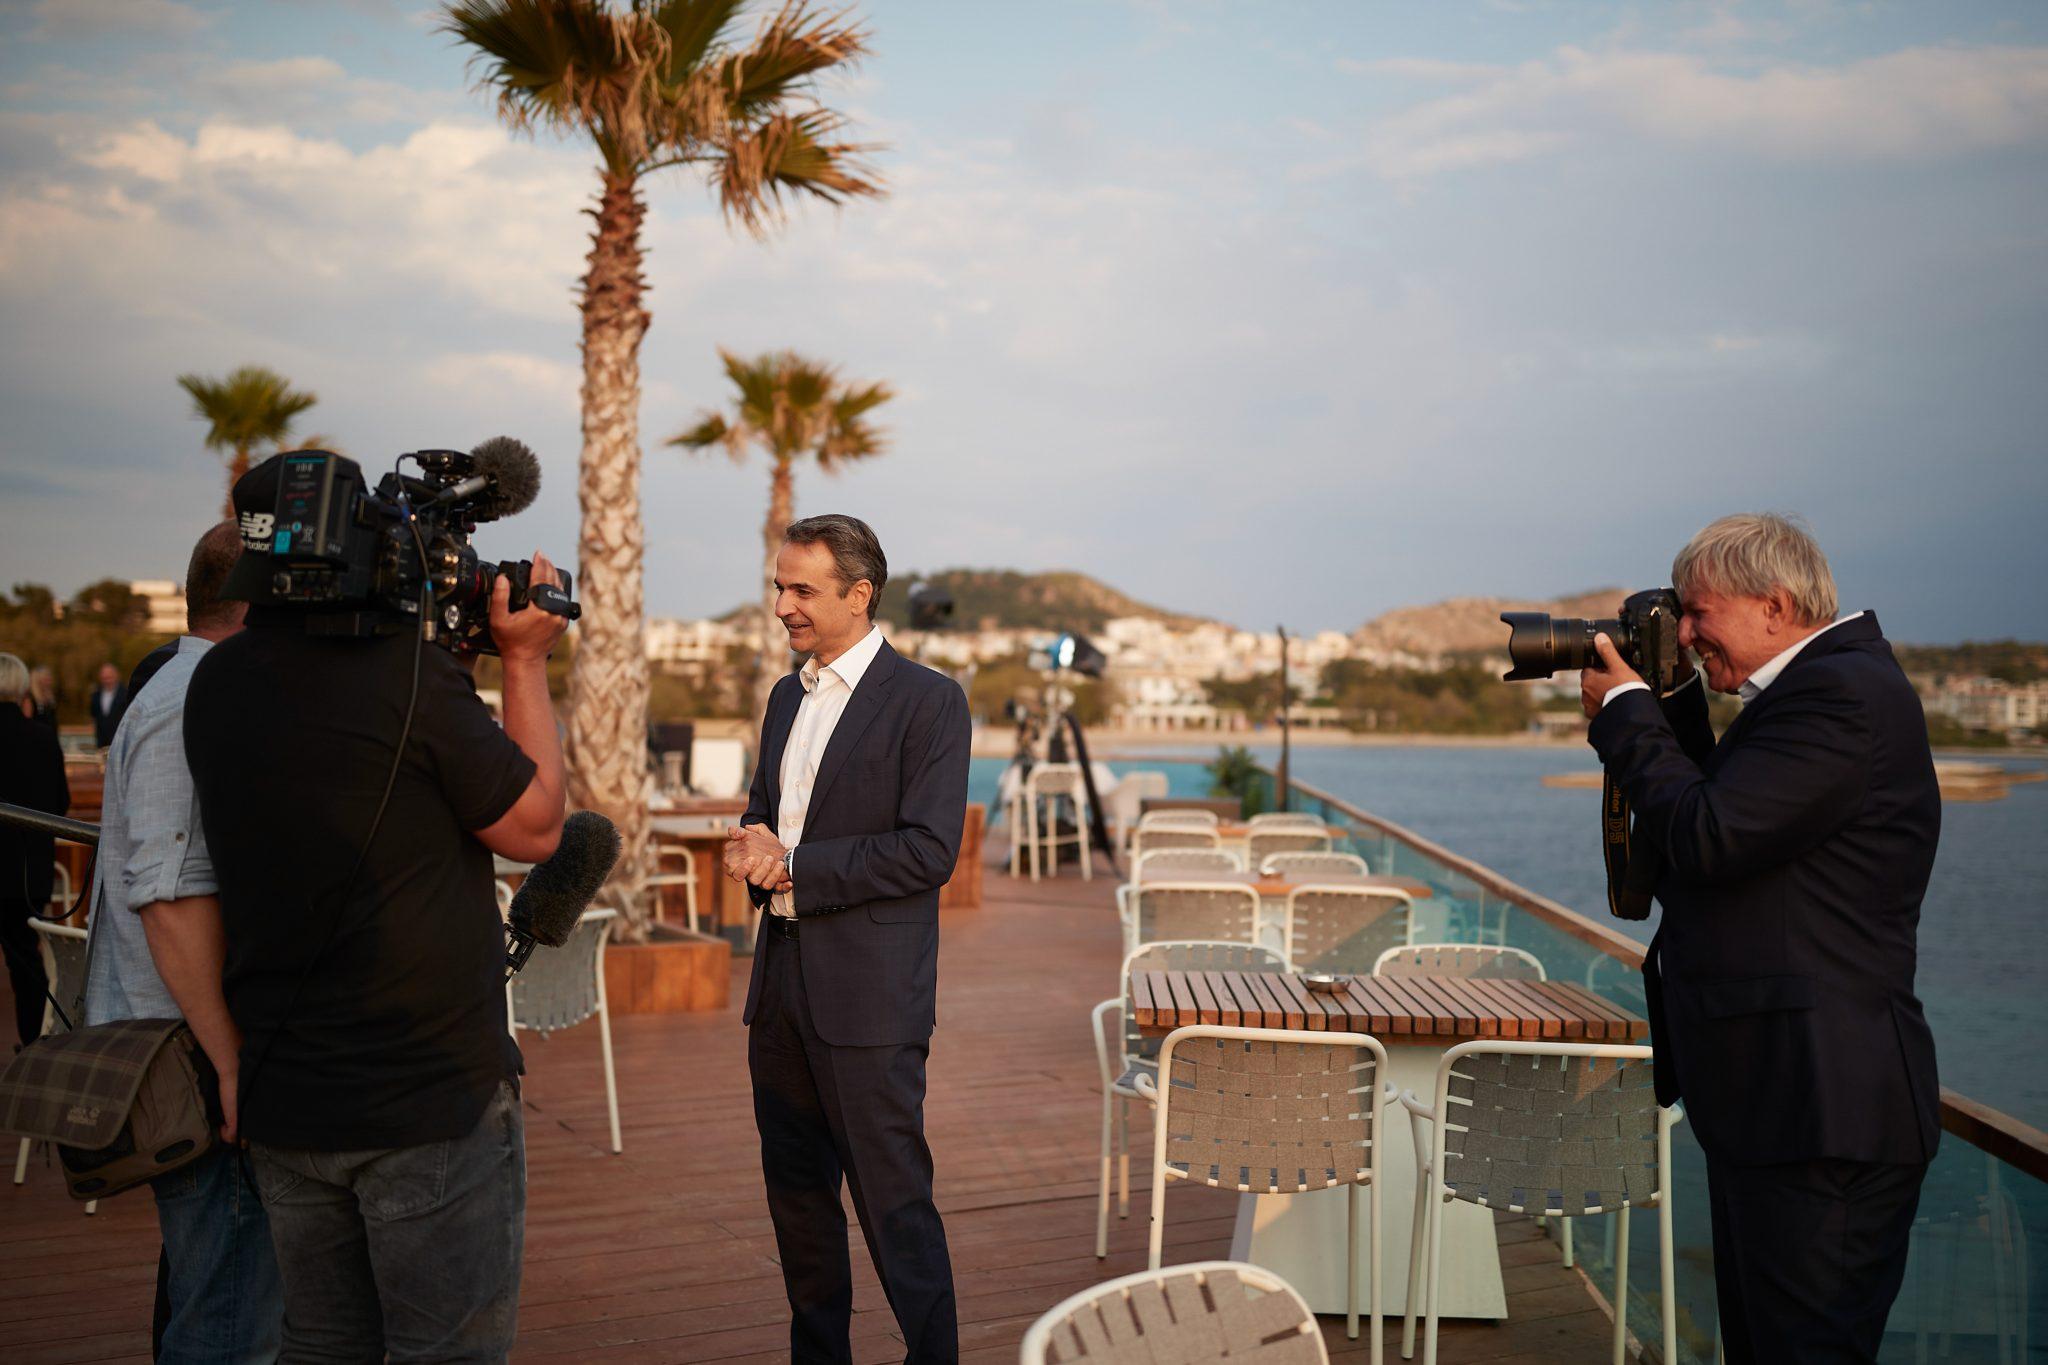 K. Mητσοτάκης στη Bild: Η Ελλάδα διακρίνεται για την υψηλή αξιοπιστία της